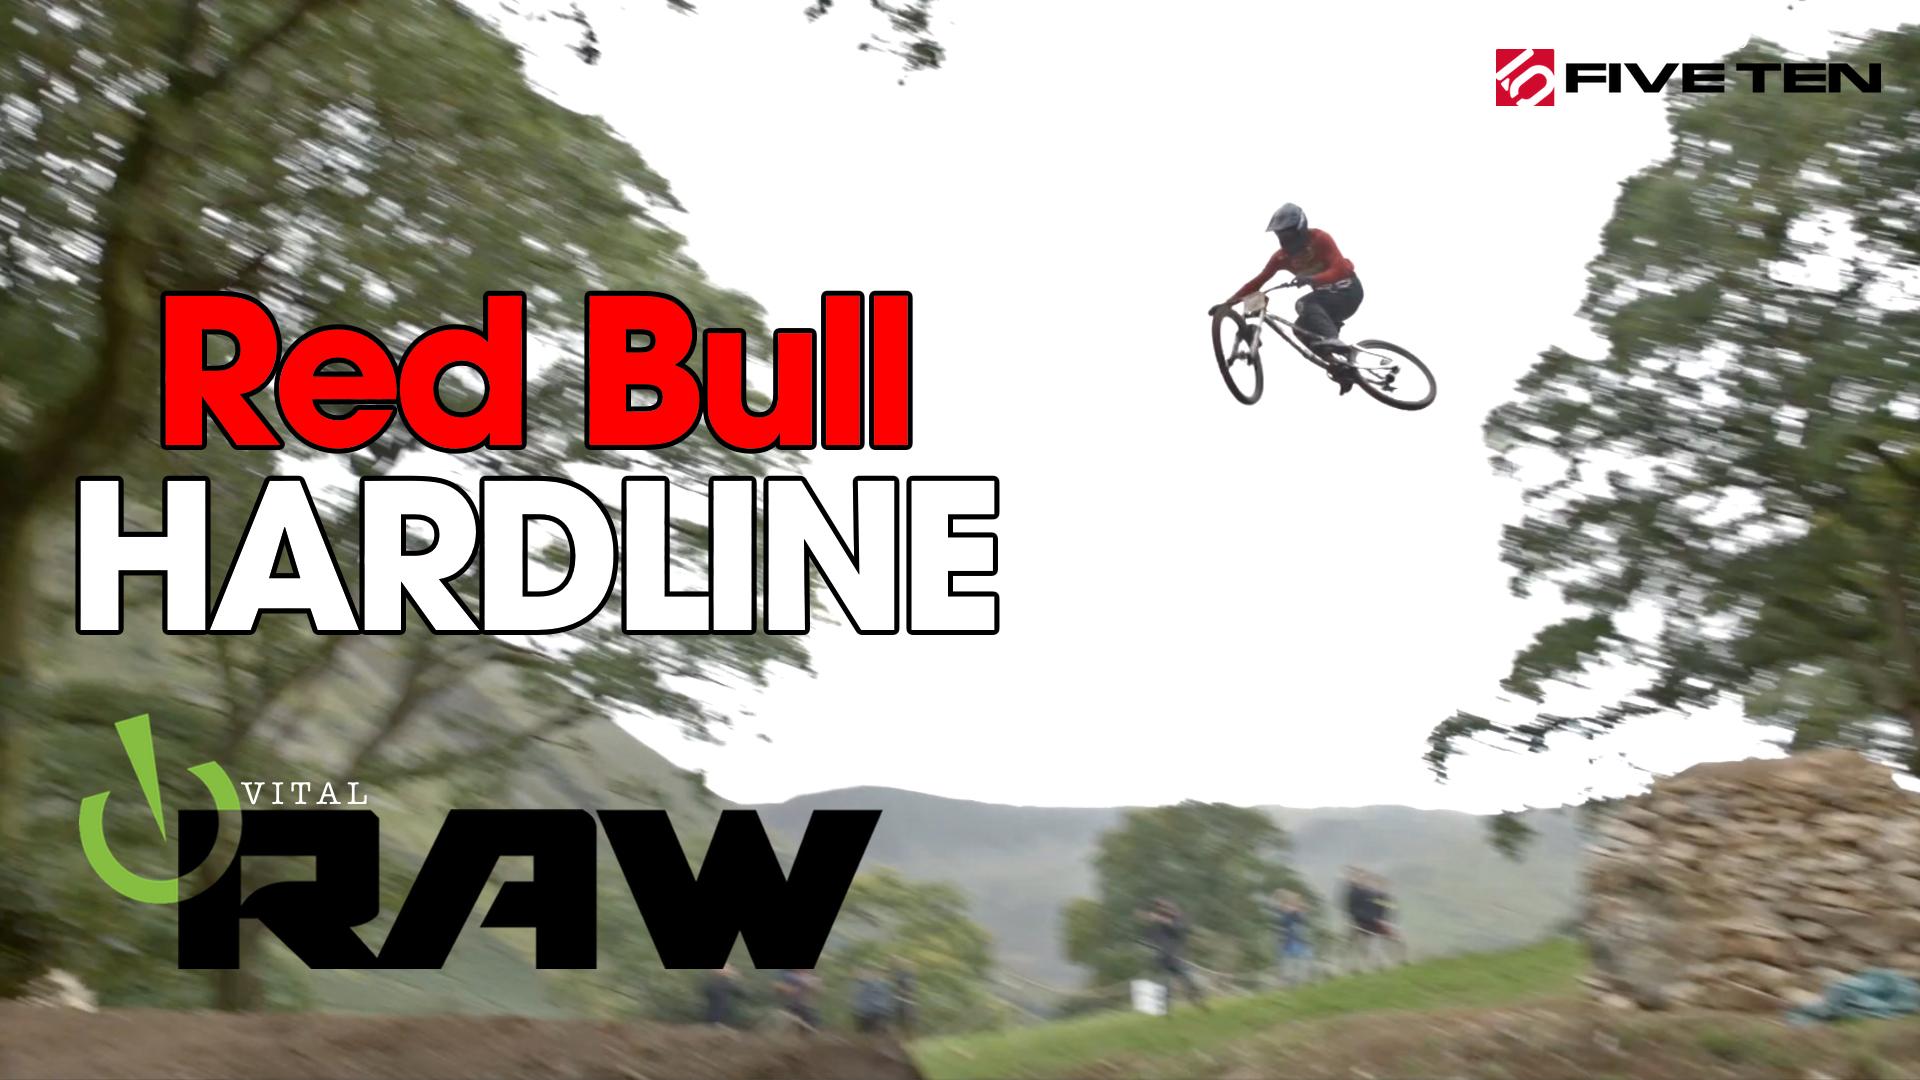 RED BULL HARDLINE - Vital RAW